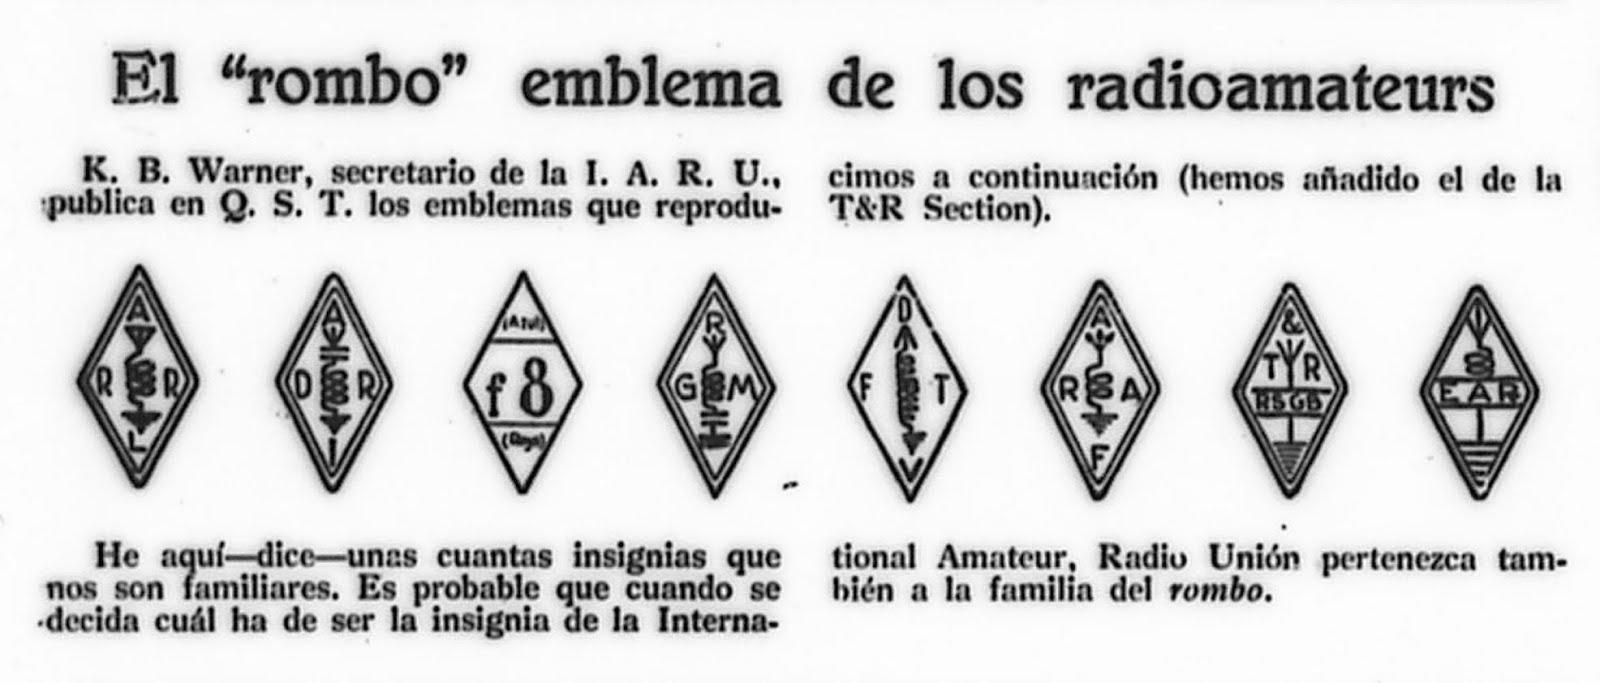 Primeras asociaciones de radioaficionados en el mundo